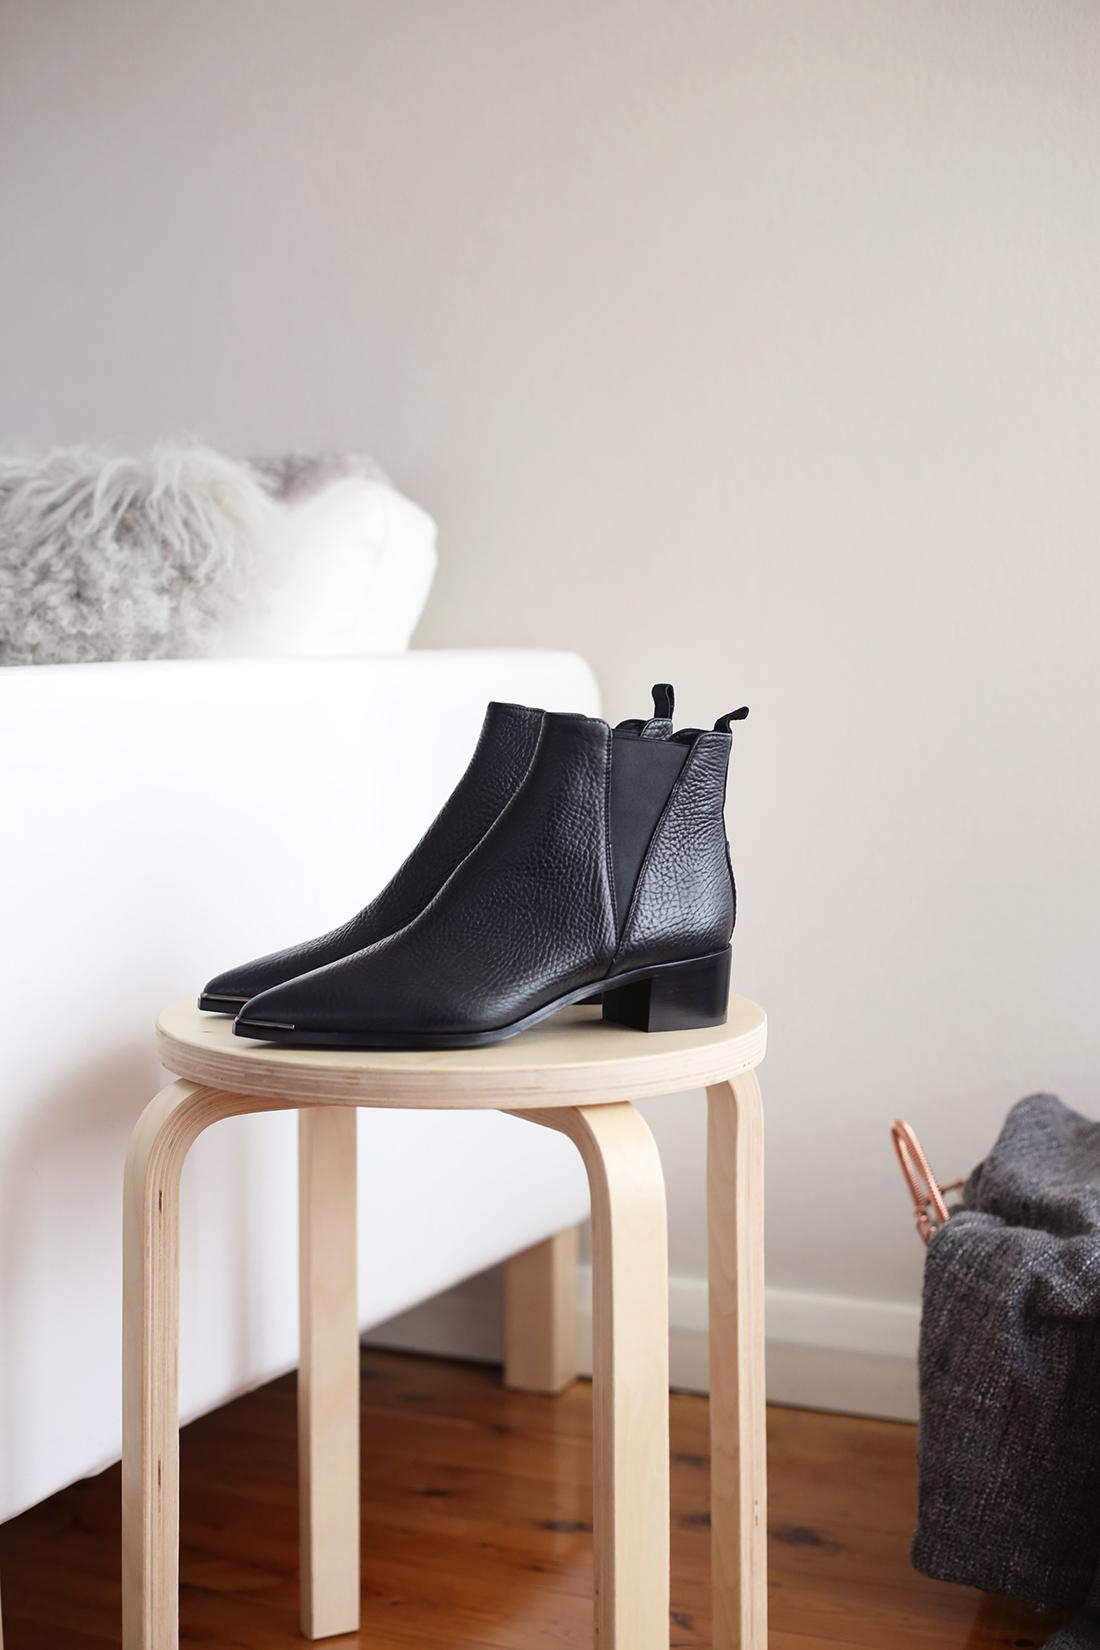 e495e1b1244 acne studios jensen boots grained leather